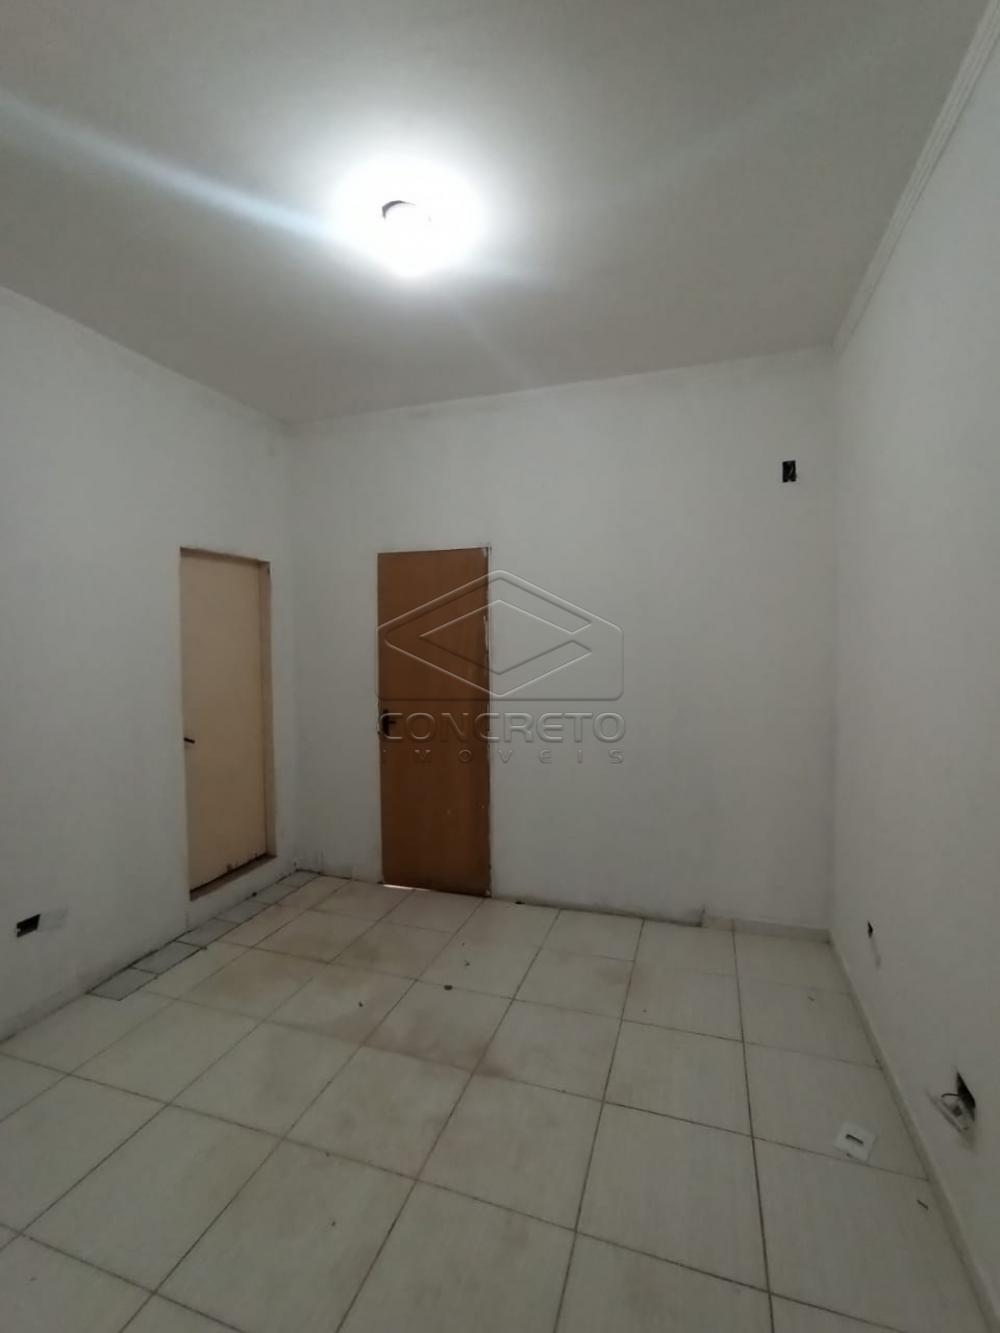 Alugar Casa / Padrão em Bauru apenas R$ 770,00 - Foto 6